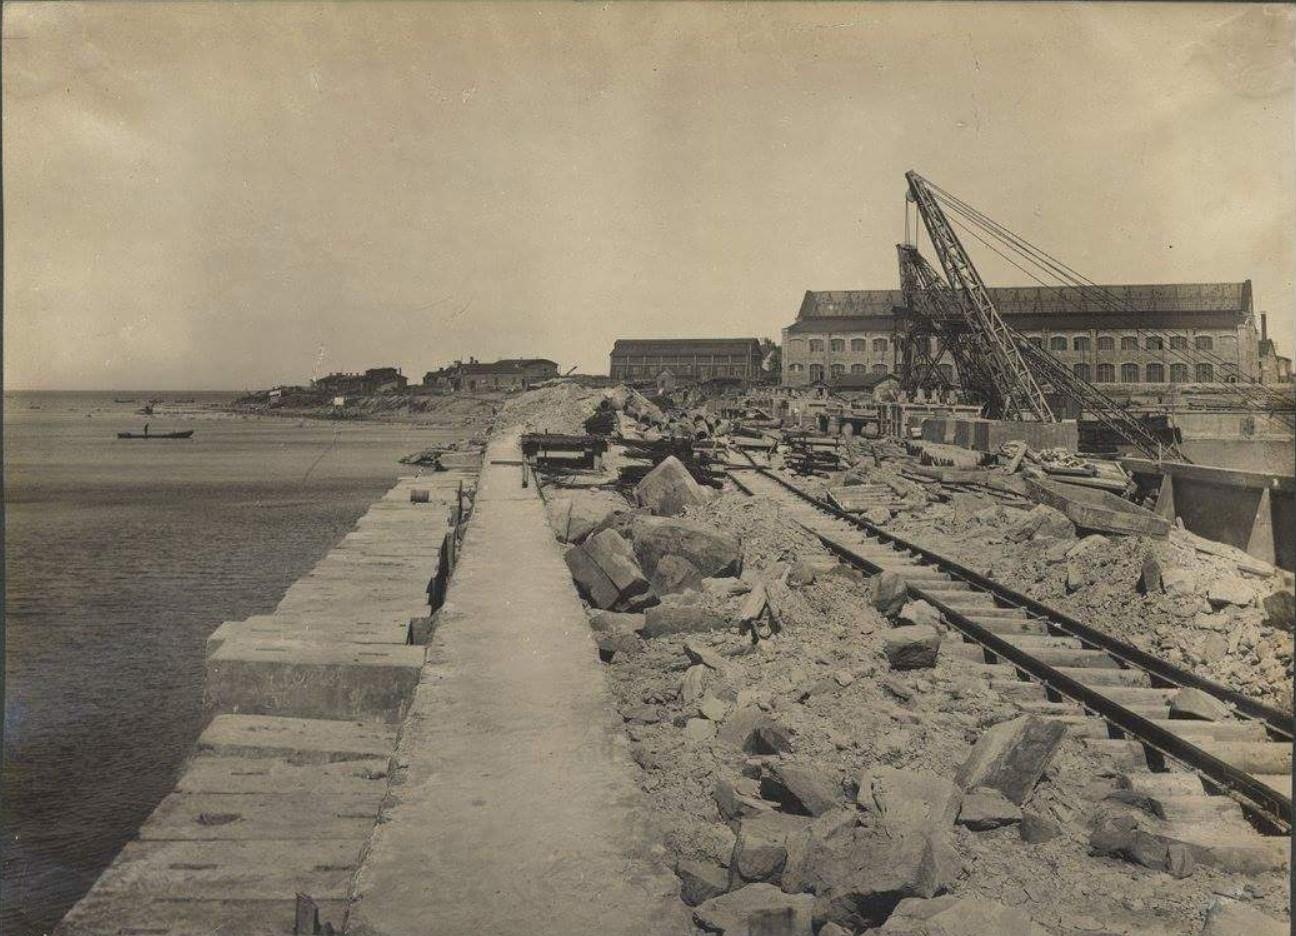 Строительство набережной и пирса, построенного в западной части завода3